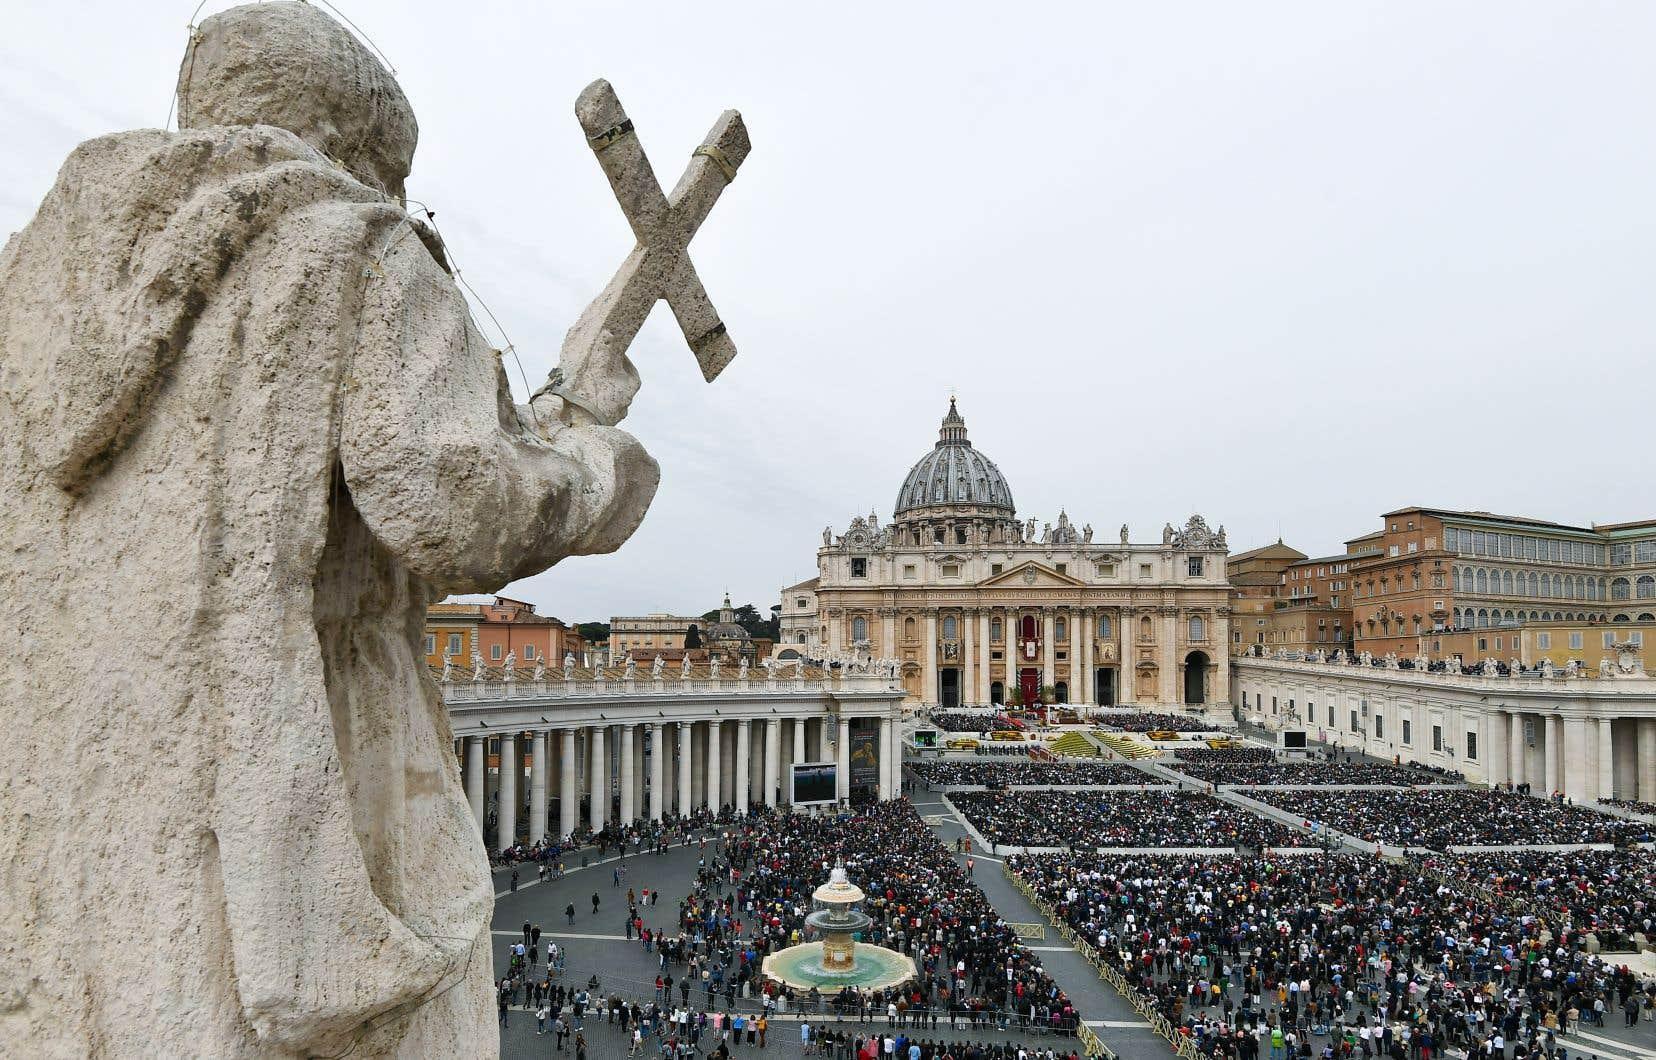 Aux États-Unis comme ailleurs, l'Église catholique traverse une profonde crise de confiance en raison des révélations d'agressions sexuelles commises depuis des décennies par des prêtres.